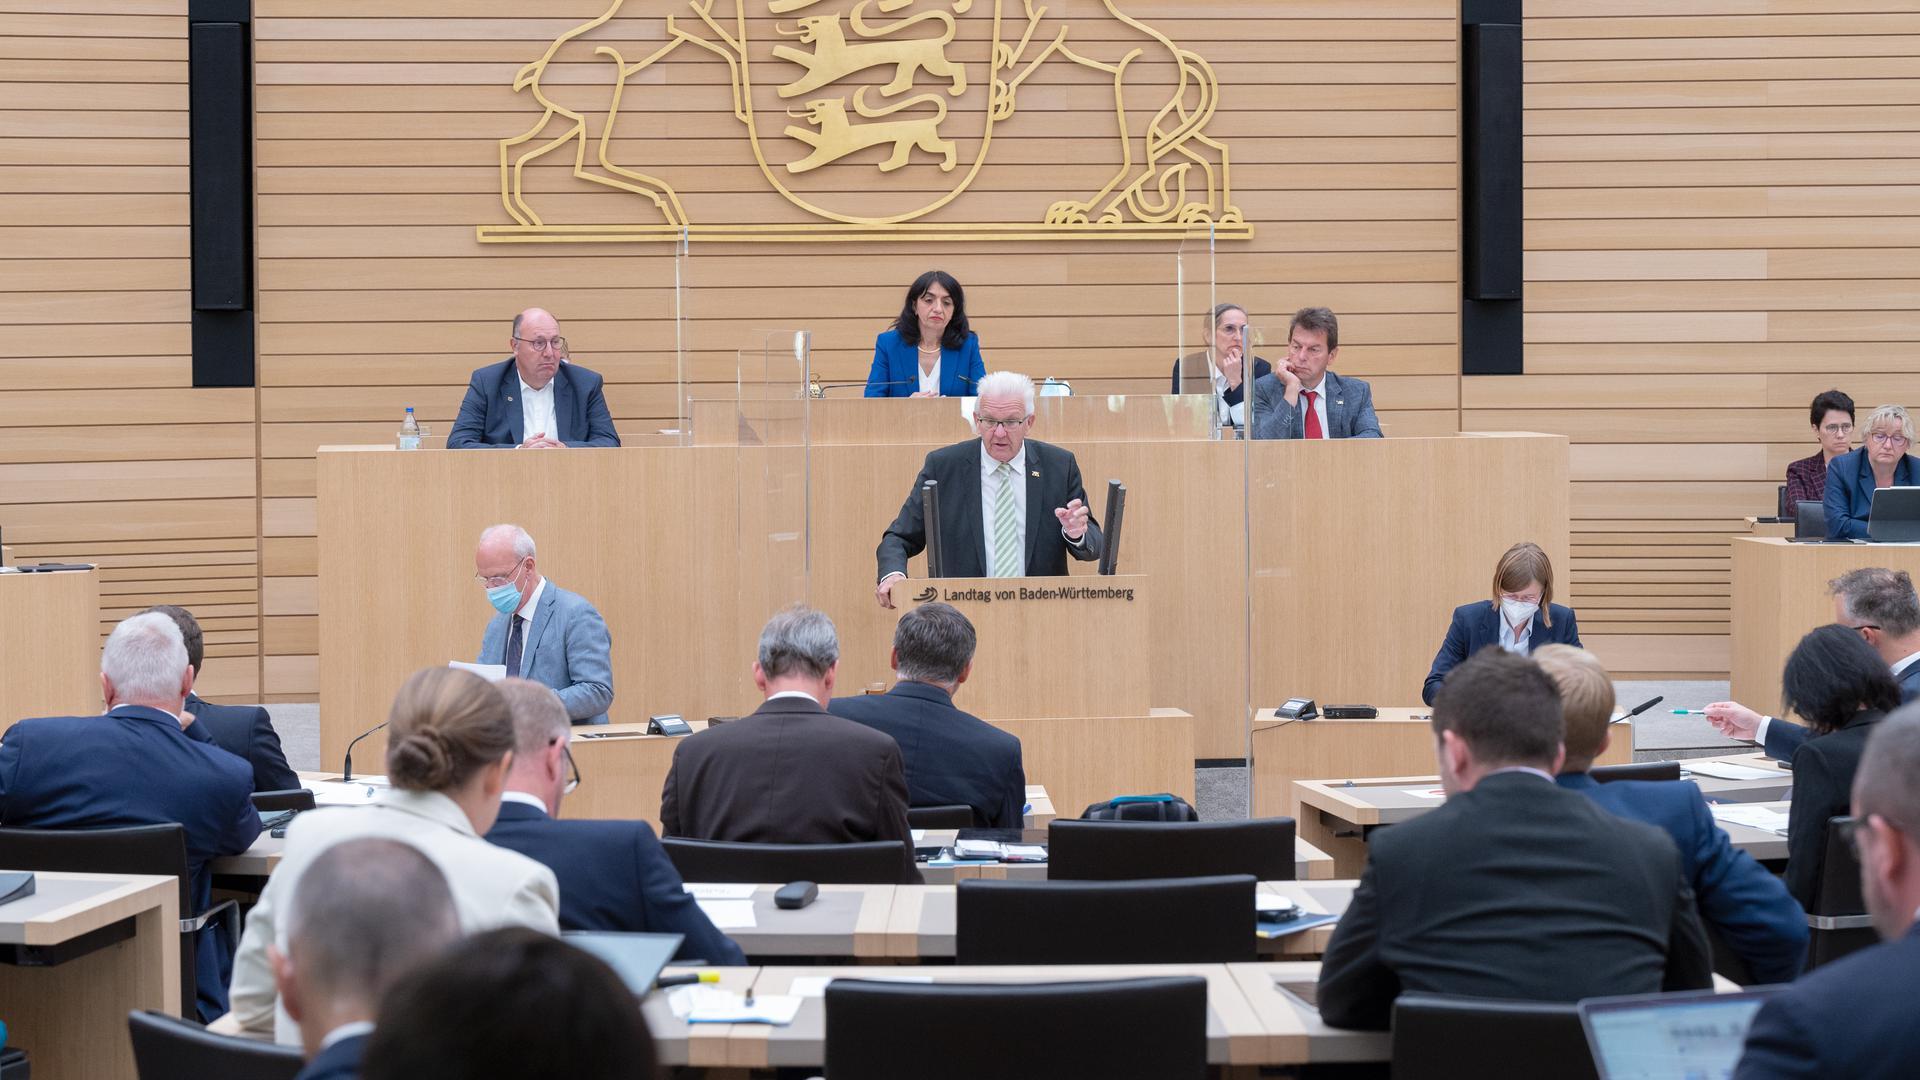 Winfried Kretschmann, Ministerpräsident von Baden-Württemberg, spricht bei einer Landtagssitzung mit aktueller Debatte zur Bundestagswahl.